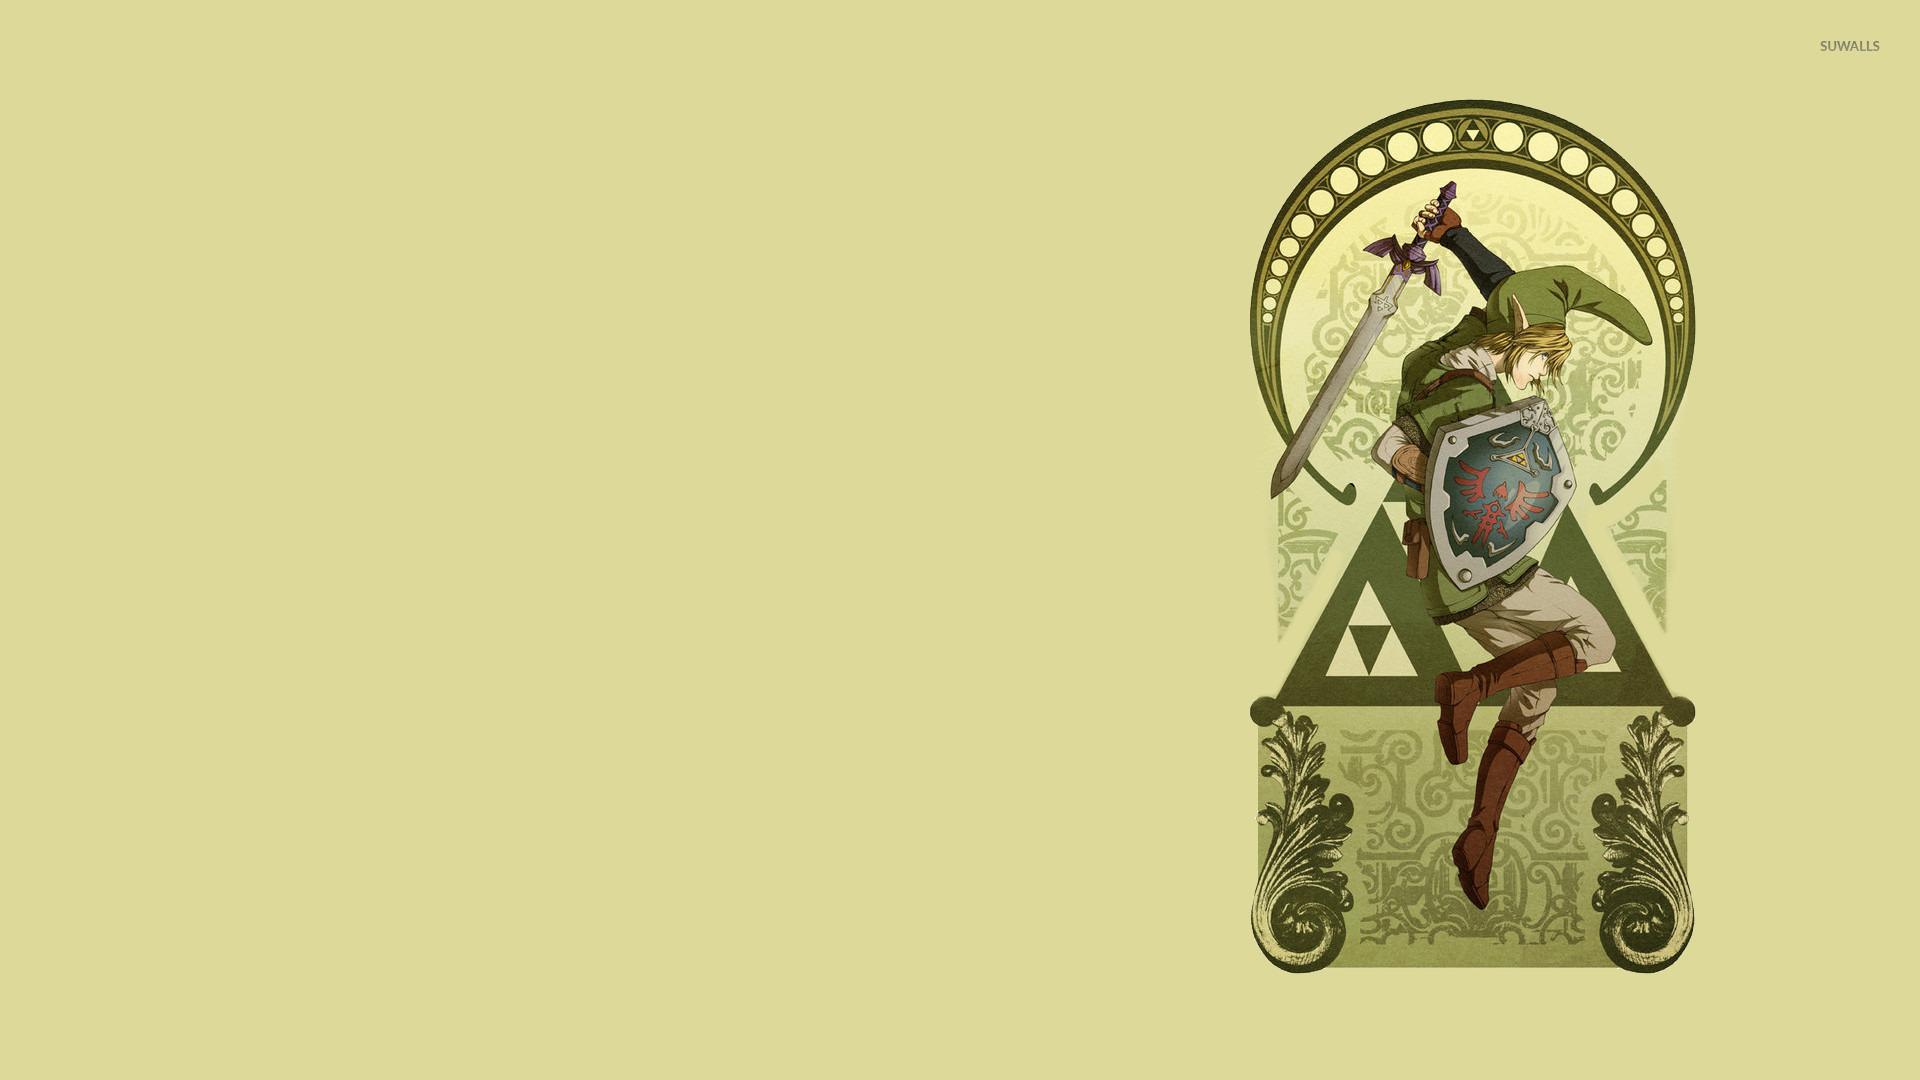 The Legend Of Zelda Skyward Sword 4 Wallpaper Game Wallpapers